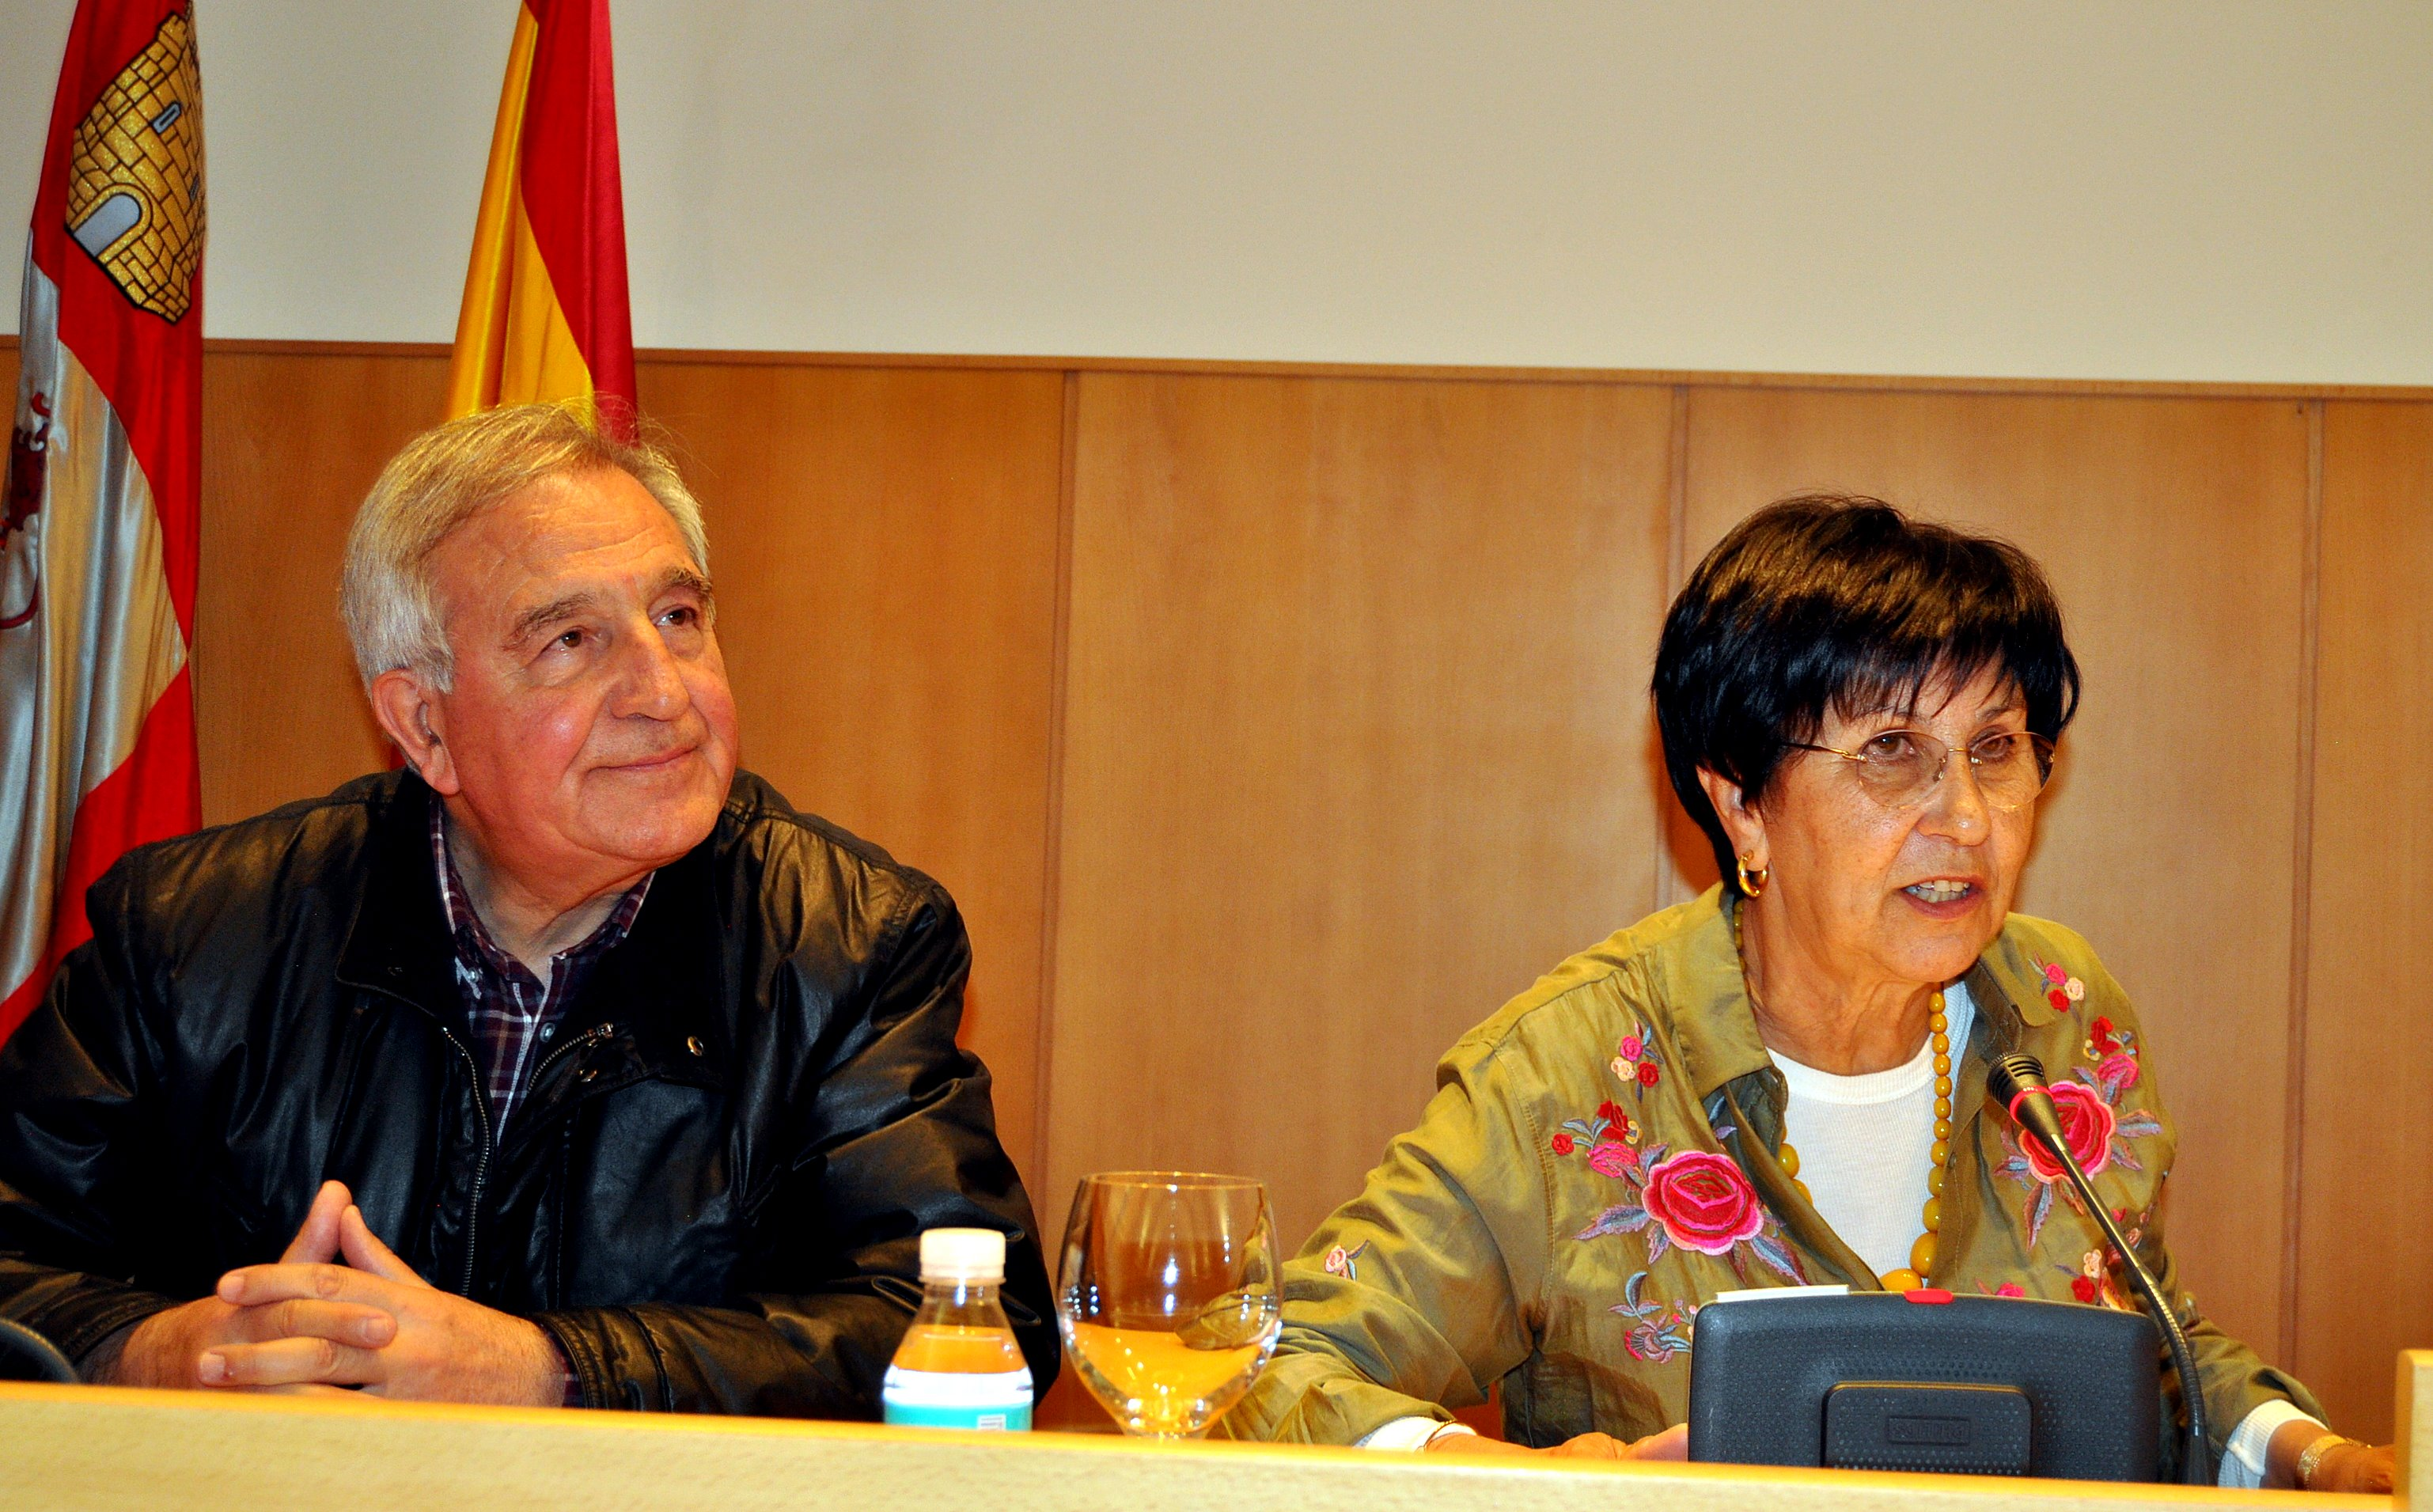 La Presidenta del Instituto de Estudios Bercianos presenta la revista de Promonumenta en Ponferrada. A su lado el Director de la Revista, Víctor